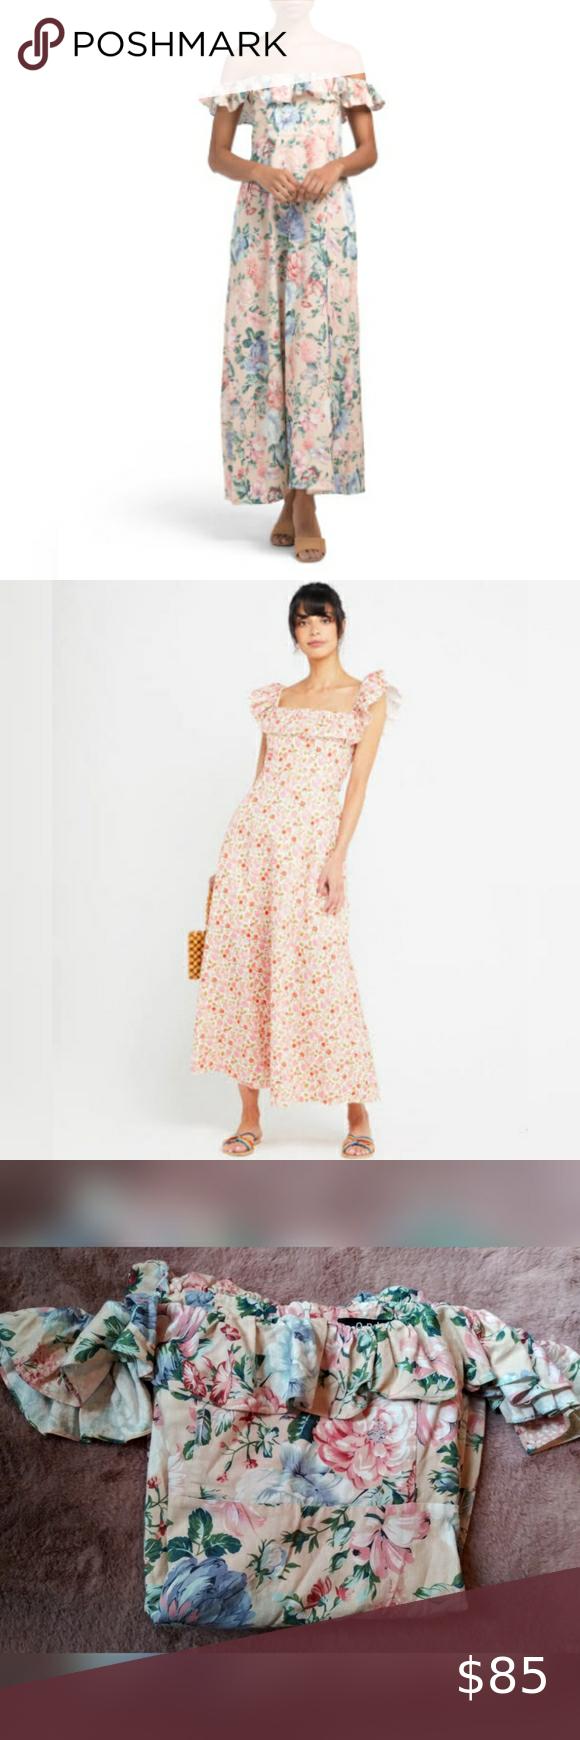 Opt Vita Linen Blend Floral Maxi Dress Xl Nwot Opt Vita Floral Maxi Dress Beautiful Vintage Floral Pattern Off Shoul Floral Maxi Dress Dresses Clothes Design [ 1740 x 580 Pixel ]